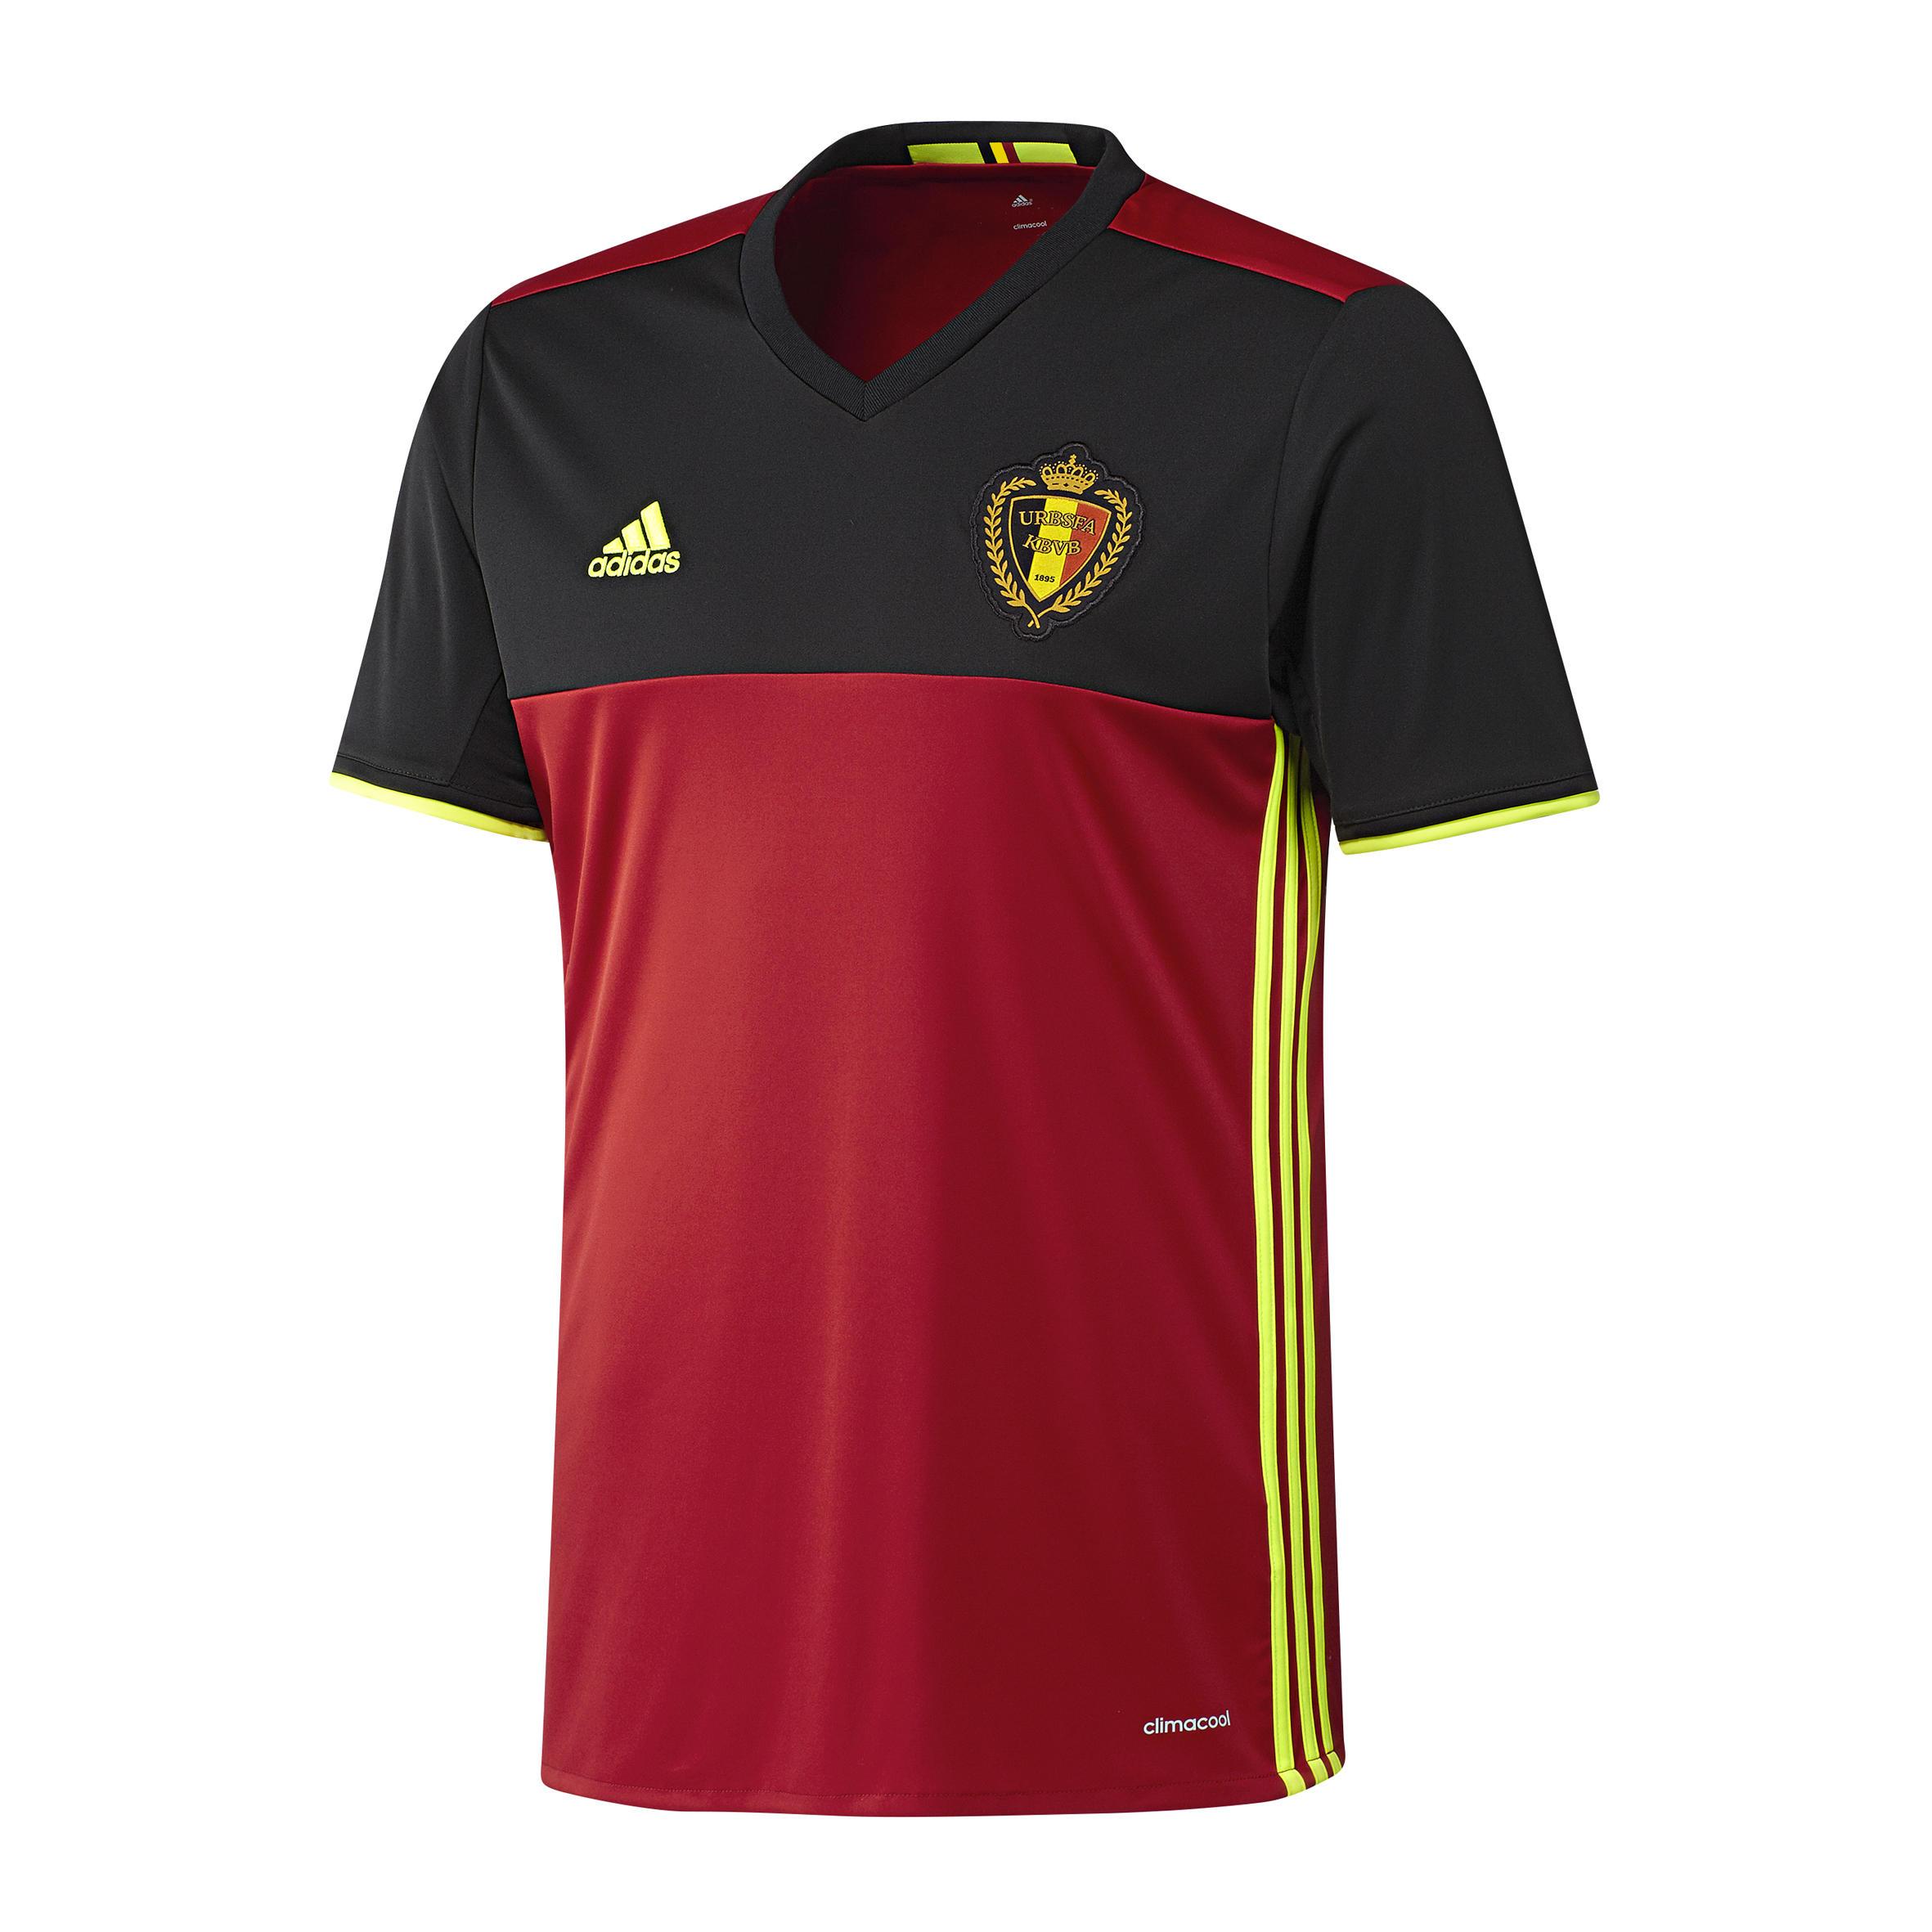 Voetbalshirt replica thuisshirt België 2016 volwassenen